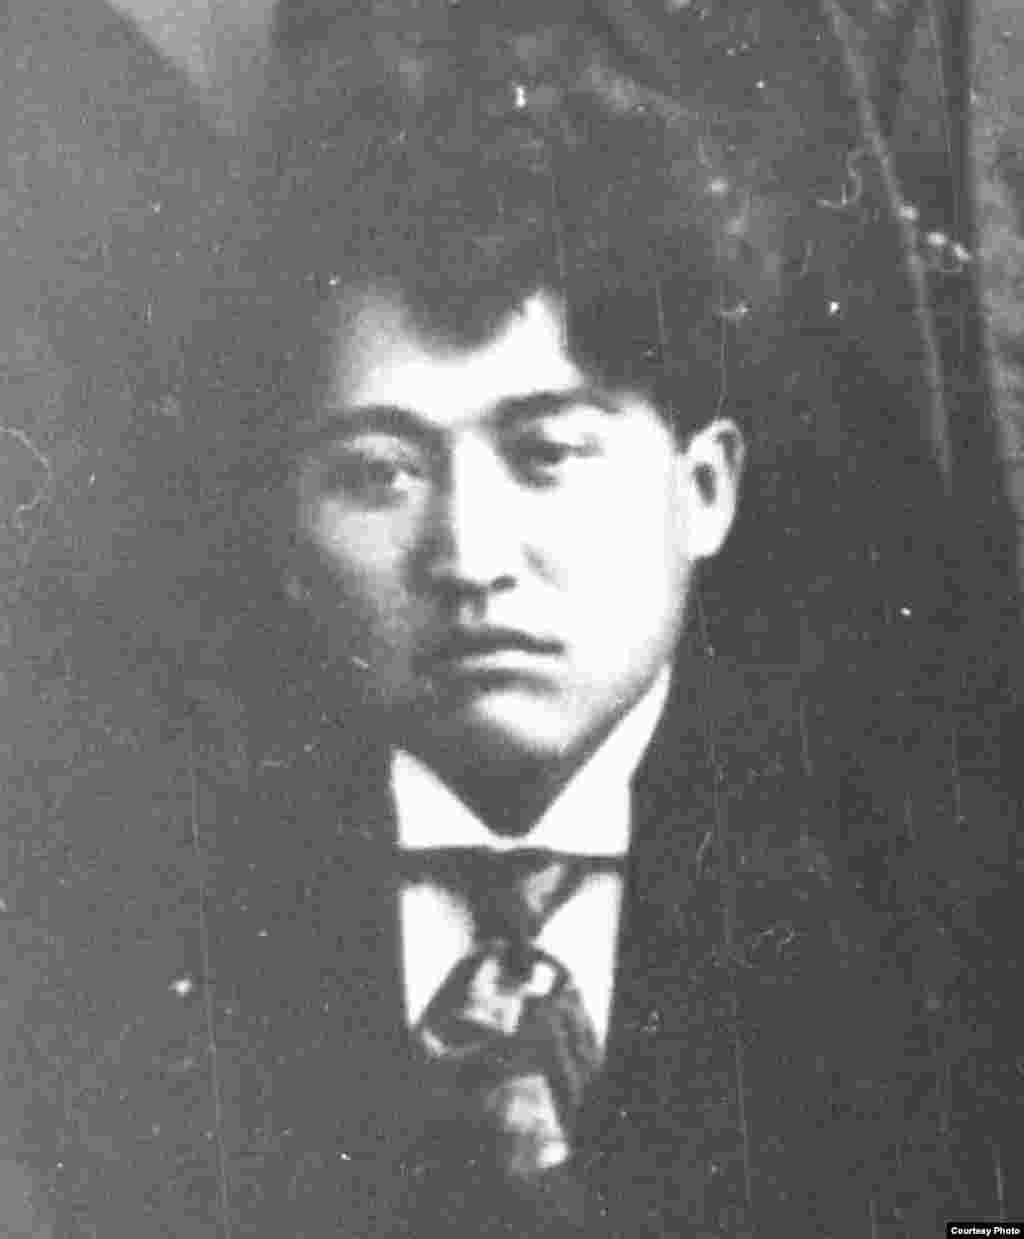 """Мағжан Жұмабайұлы, """"Алаш"""" қозғалысының қайраткері, ақын, қазақ әдебиетінің көрнекті өкілі. «Қазақ» газетінің белсенді авторларының бірі."""